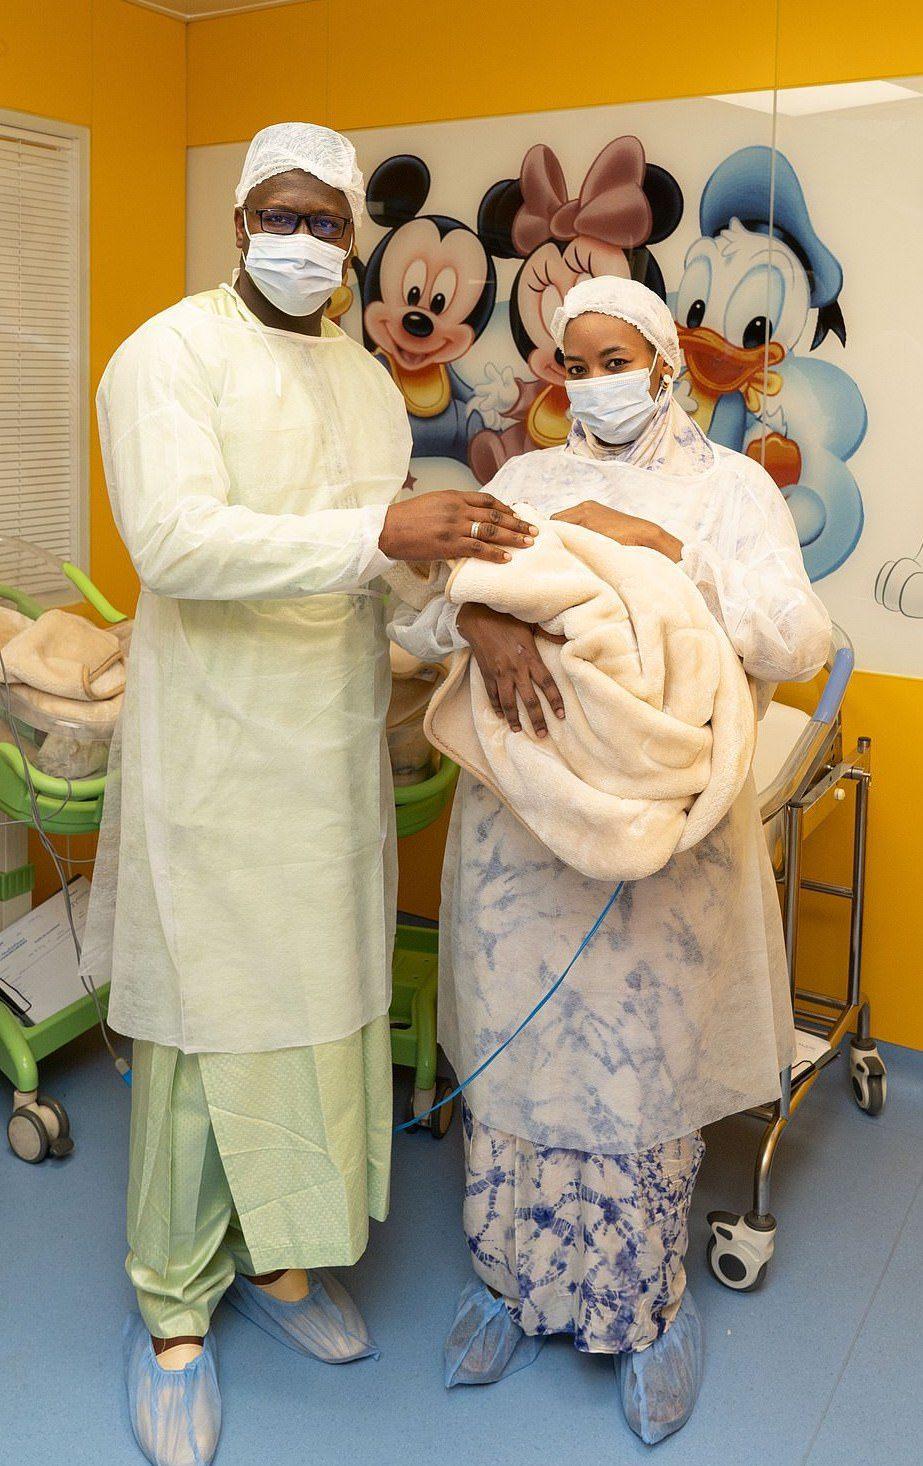 現年26歲的西賽(圖右)5月5日在摩洛哥卡薩布蘭卡的「Ain Borja診所」產...